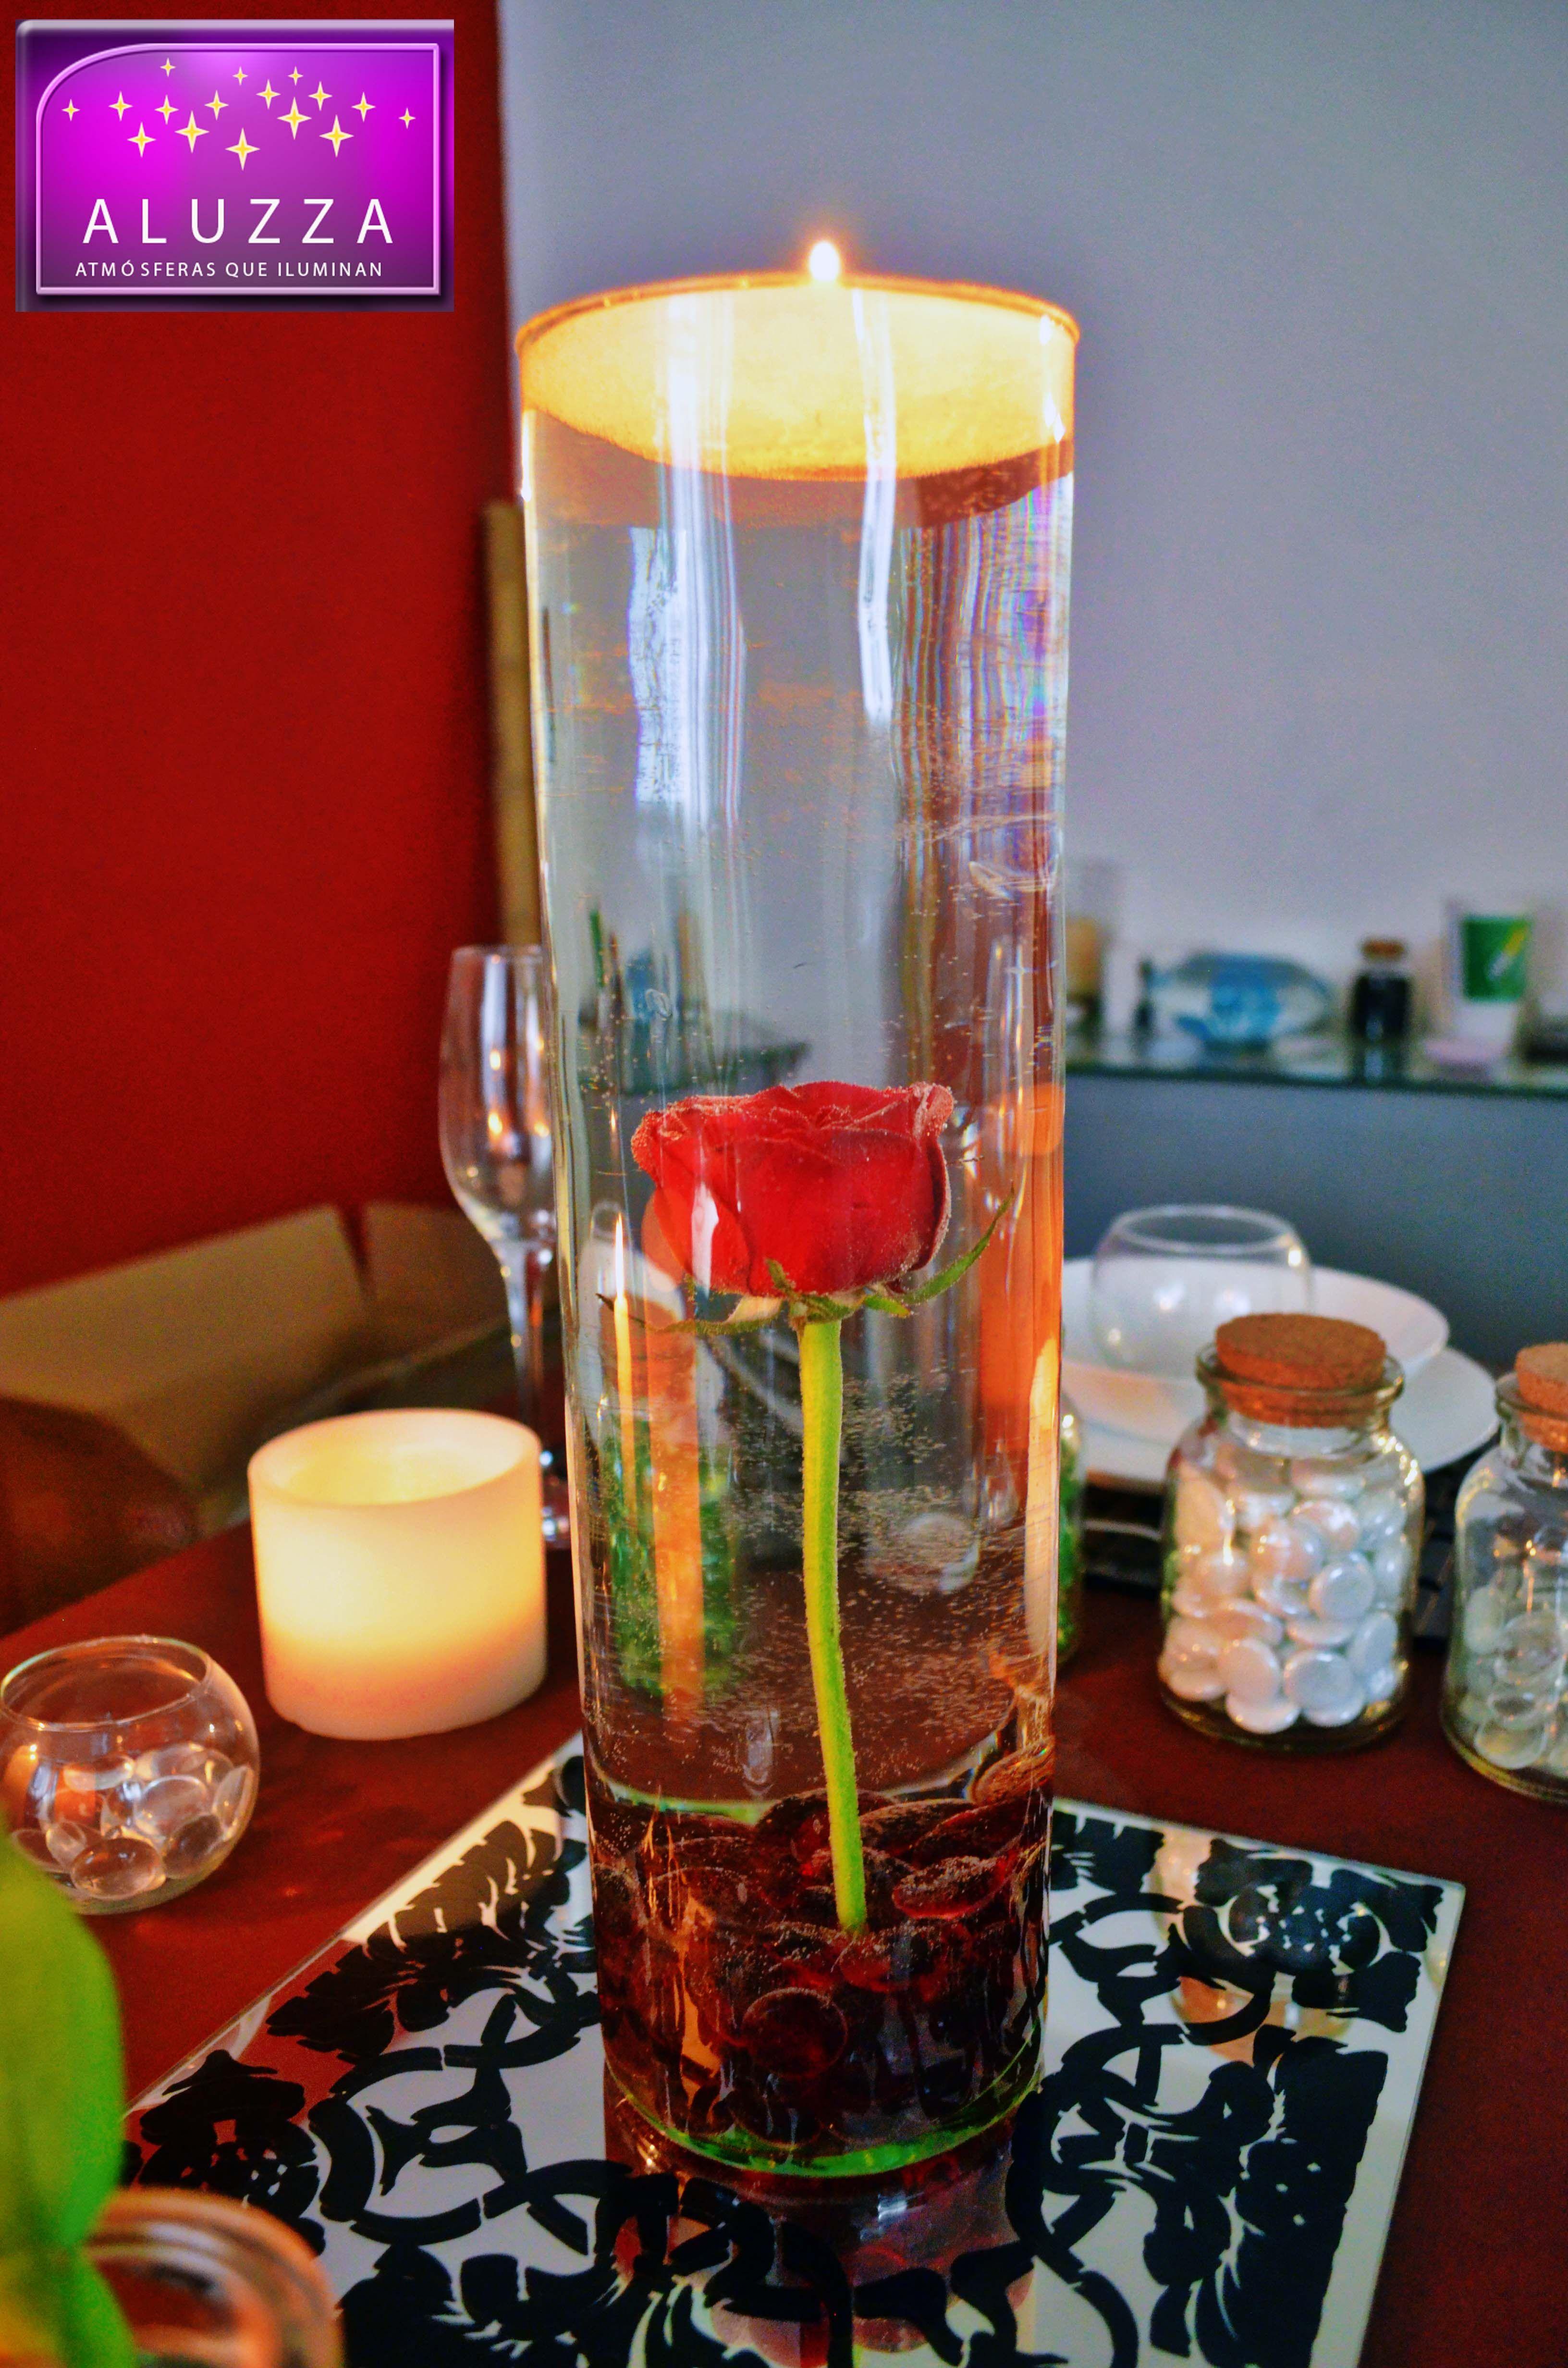 centro de mesa de cilindro de vidrio con gema color rojo y